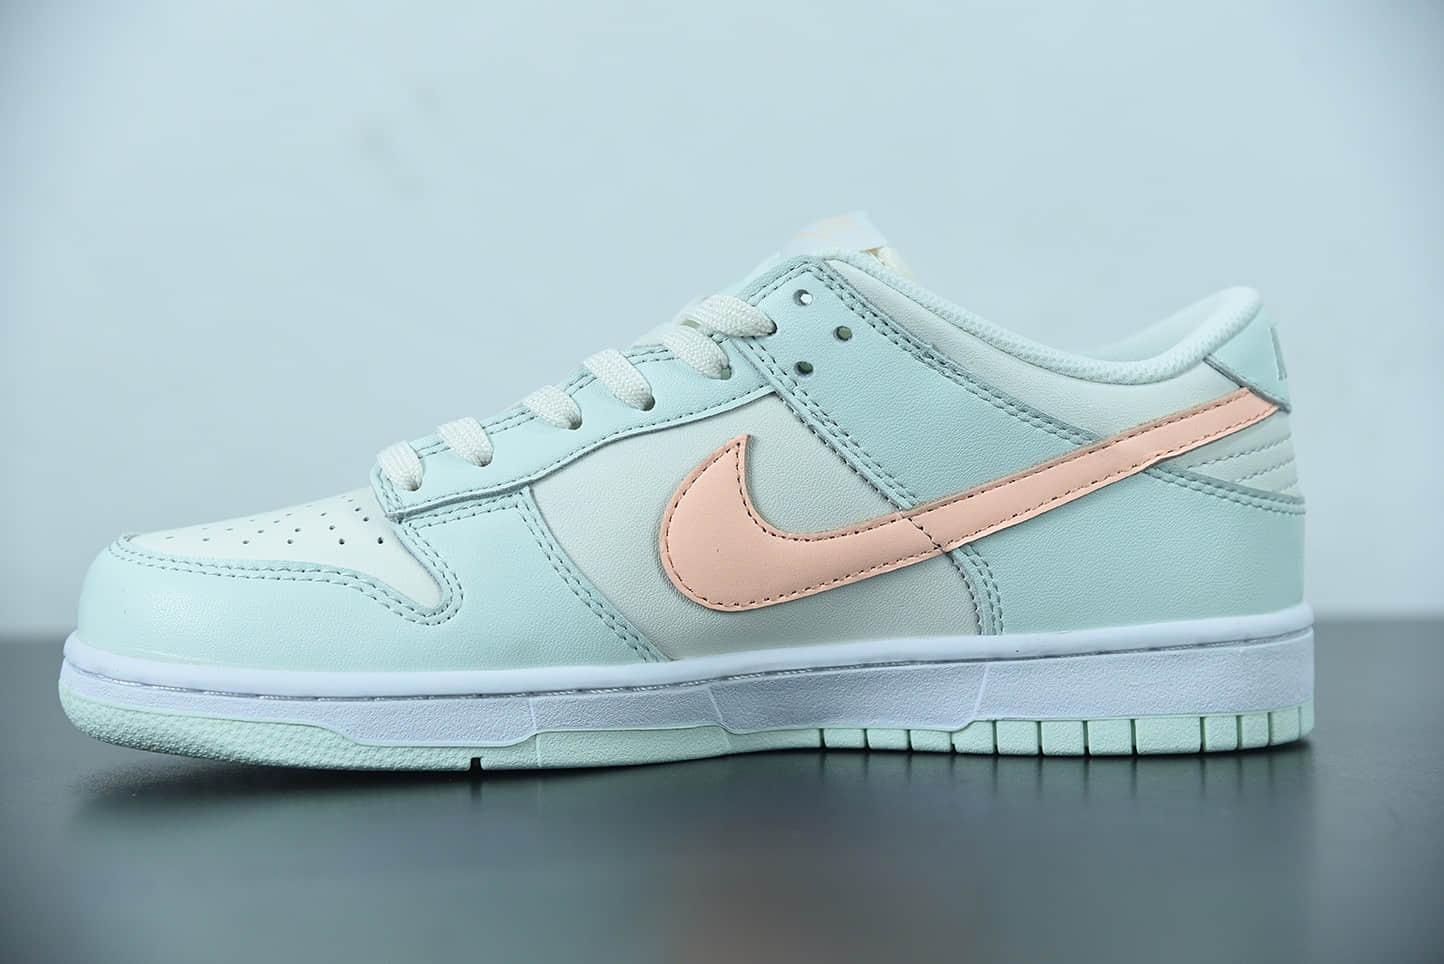 """耐克 Nike Dunk Low """"Barely Green""""淡粉薄荷绿扣篮系列低帮滑板鞋纯原版本 货号:DD1503-104"""